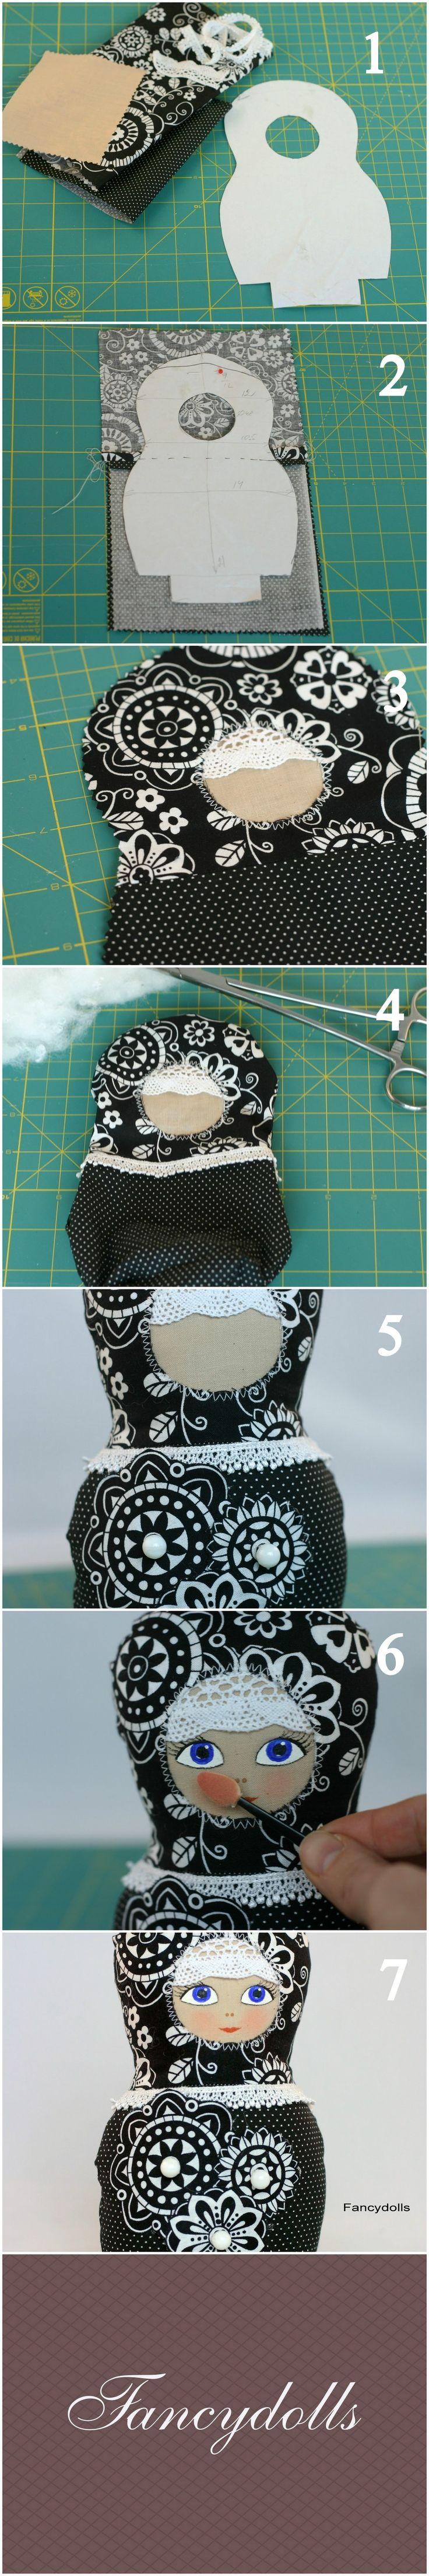 DIY : Russian Cloth Doll